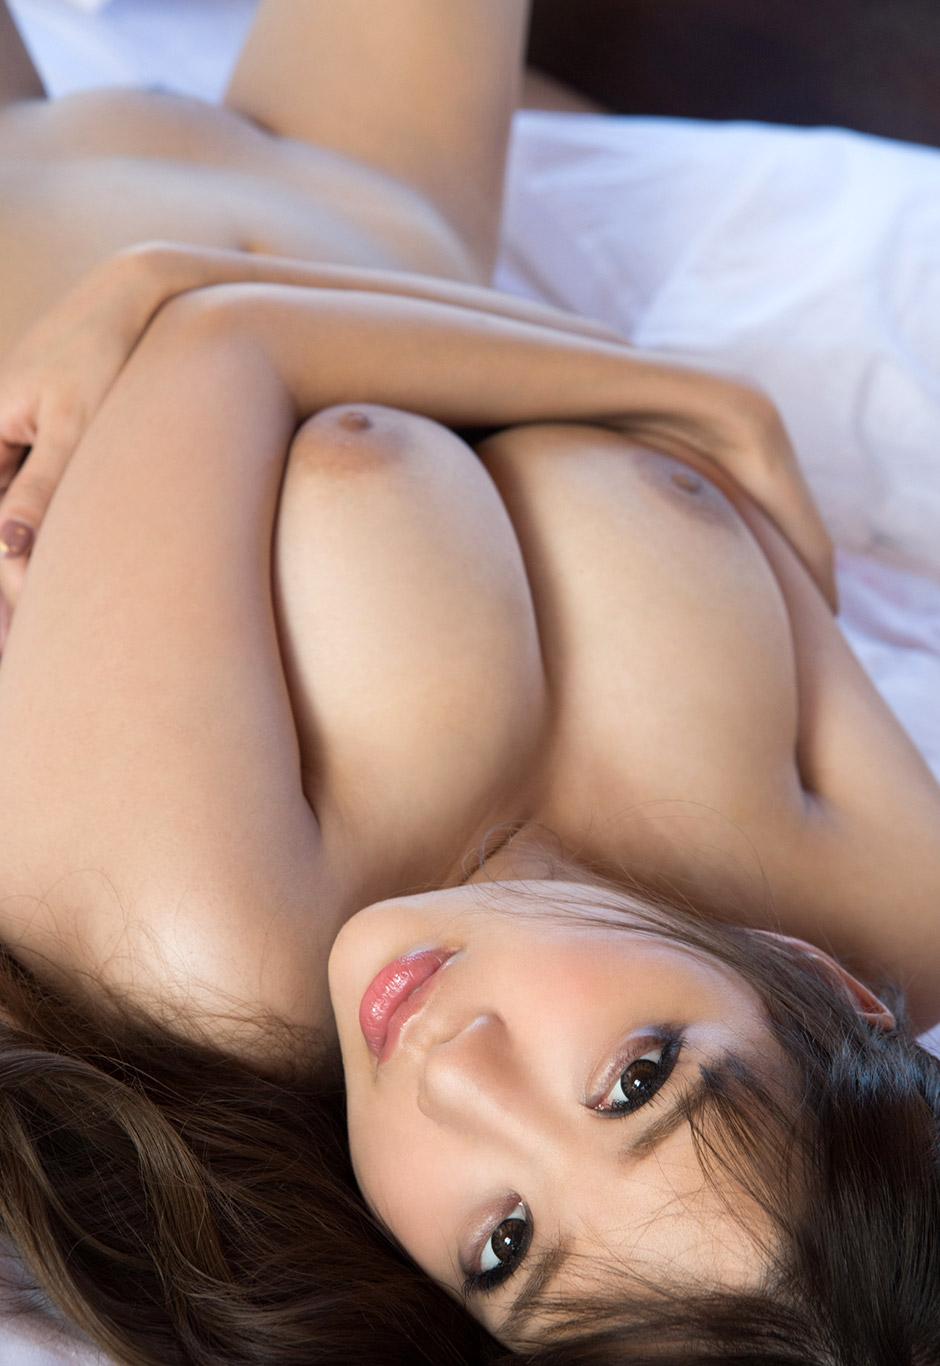 Rion ngực to nụ cười tỏa nắng